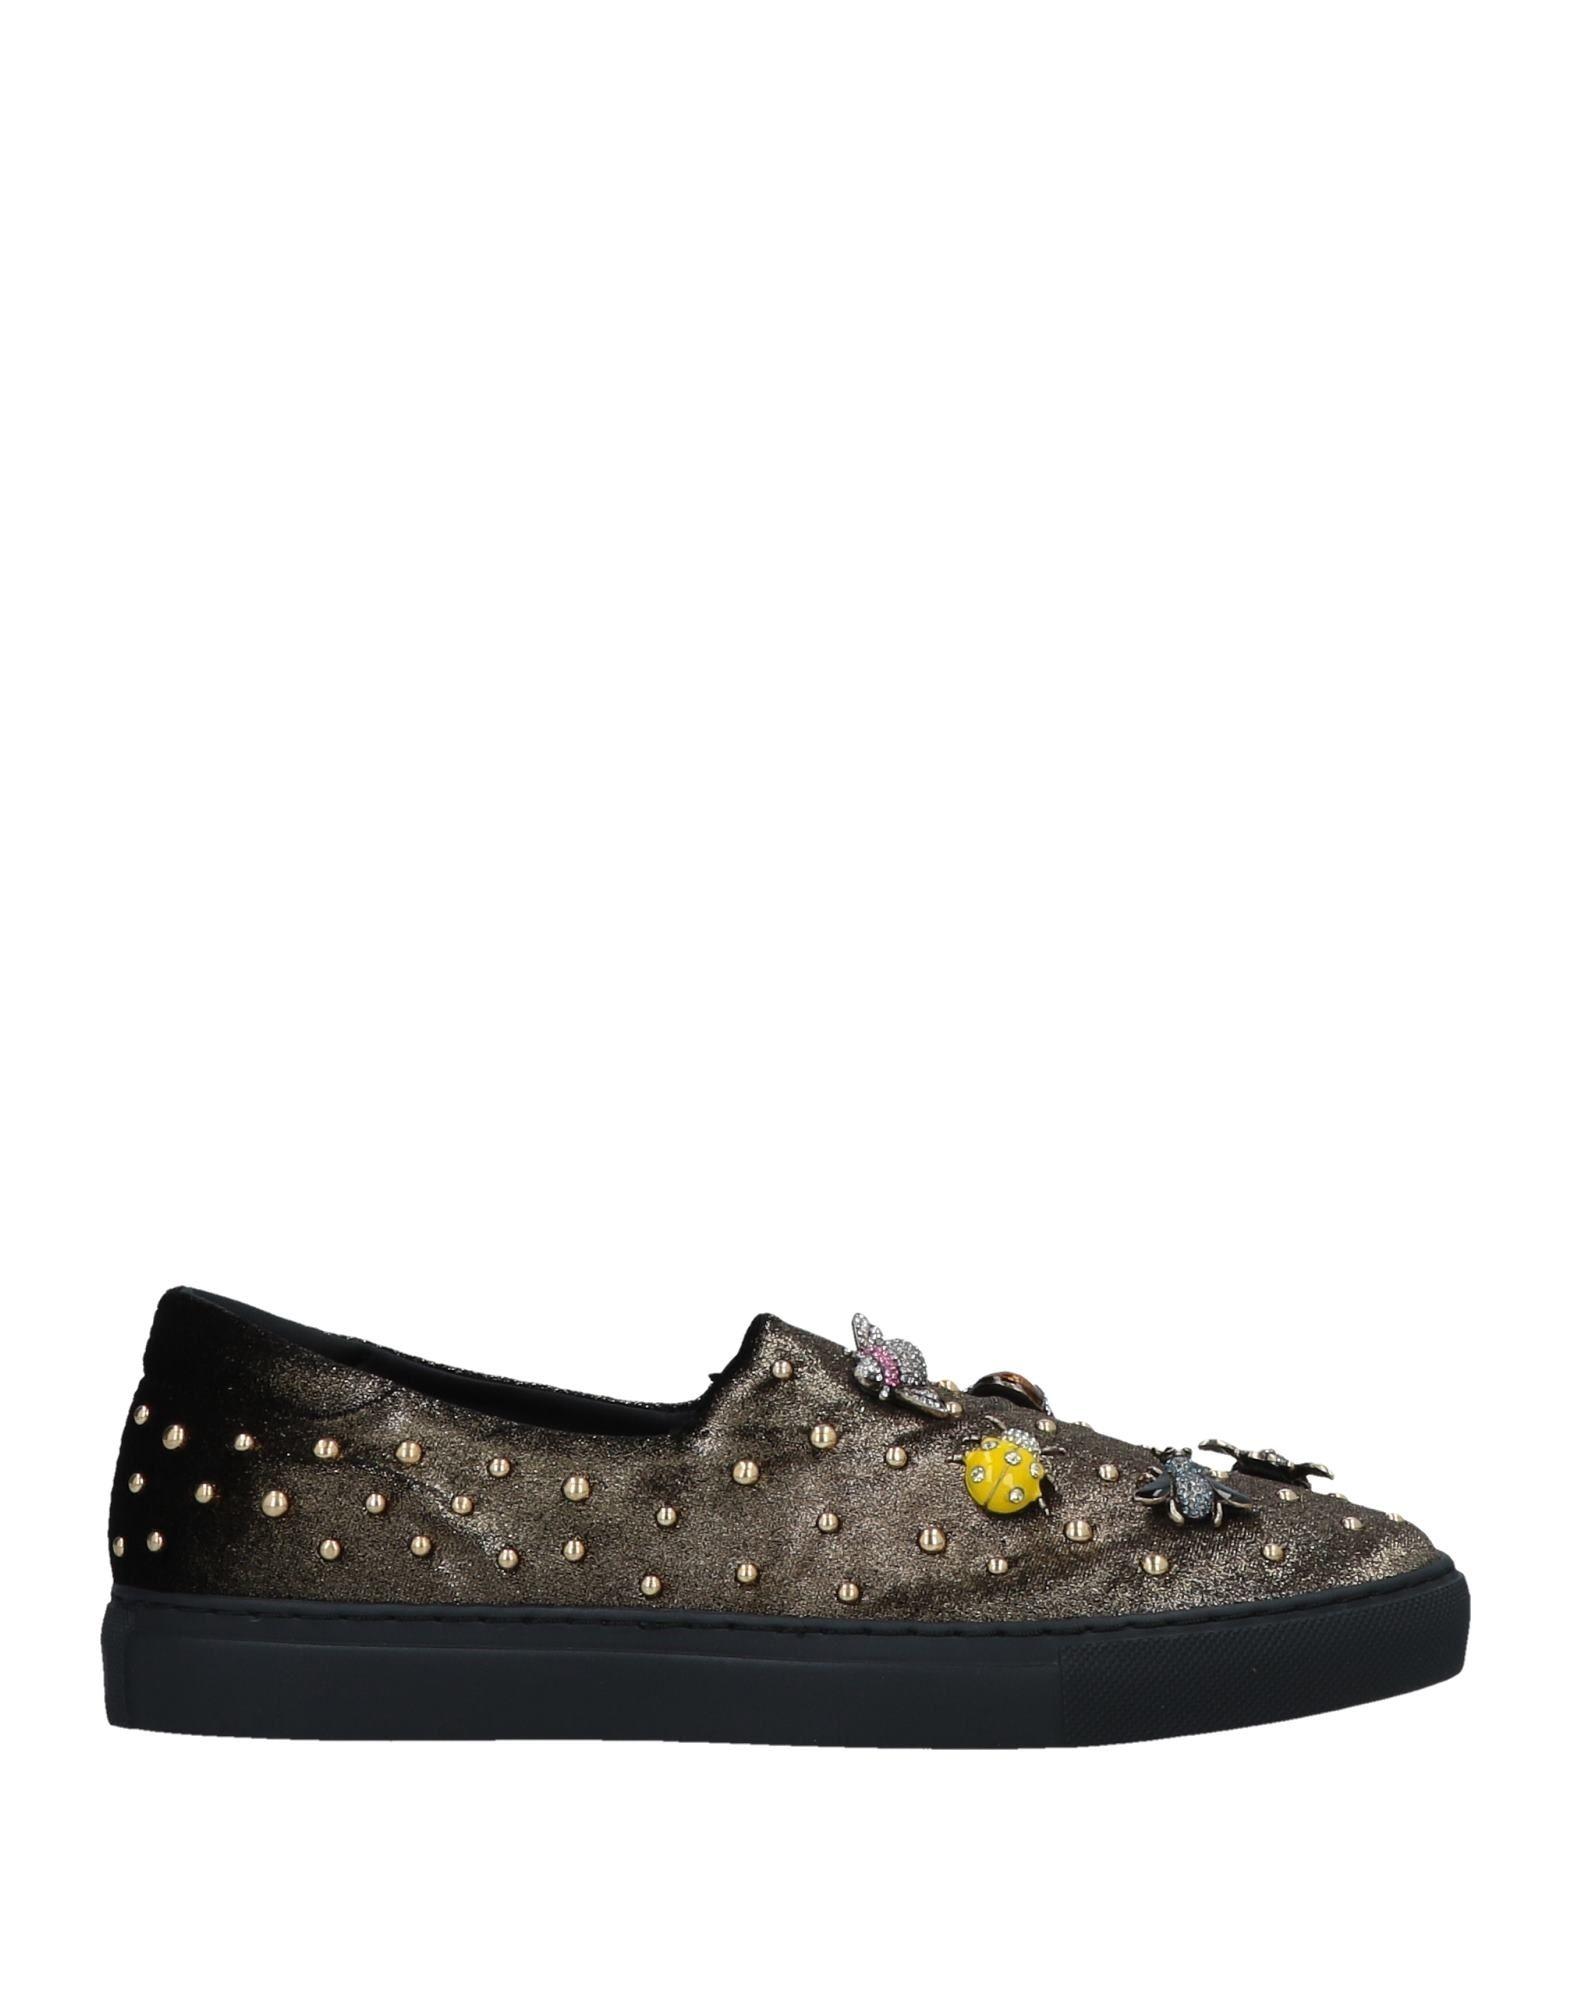 Scarpe economiche e resistenti Sneakers Ras Donna - 11511499WP